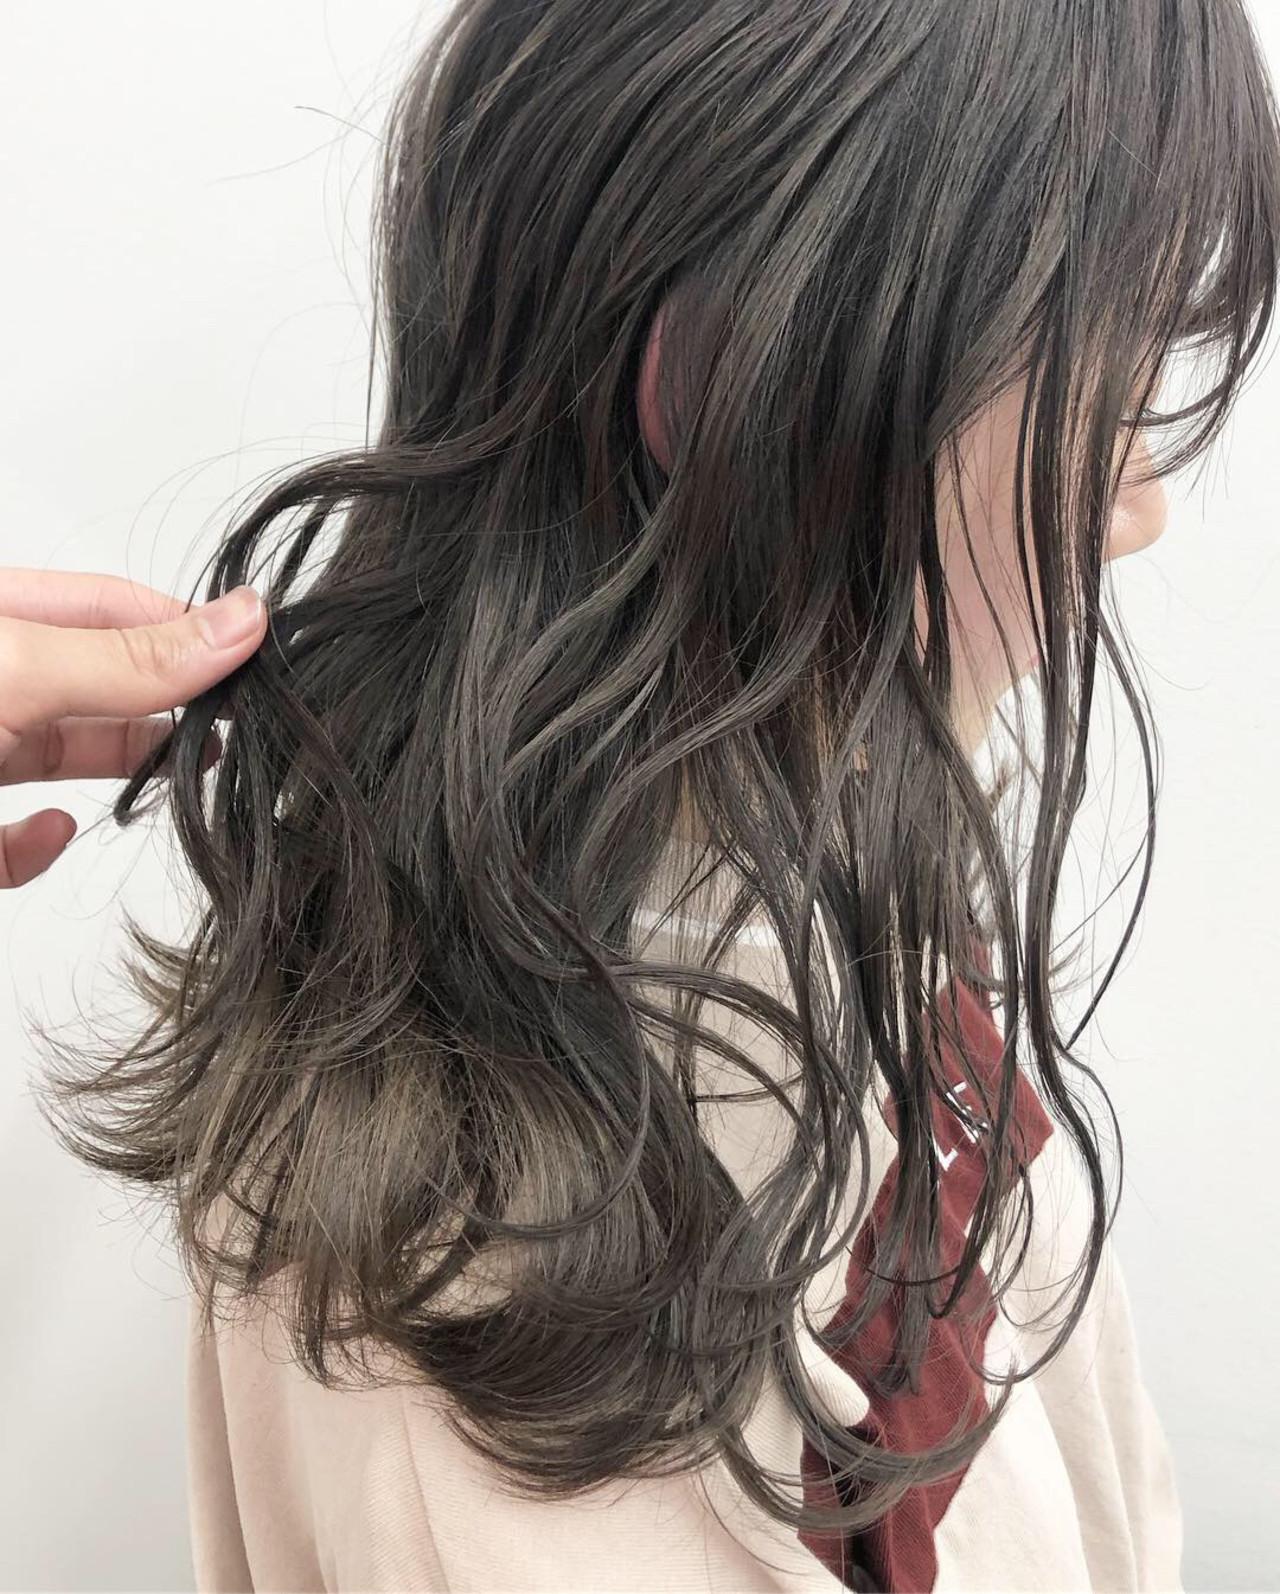 ダークカラー グレージュ ハイライト ミルクティーベージュ ヘアスタイルや髪型の写真・画像